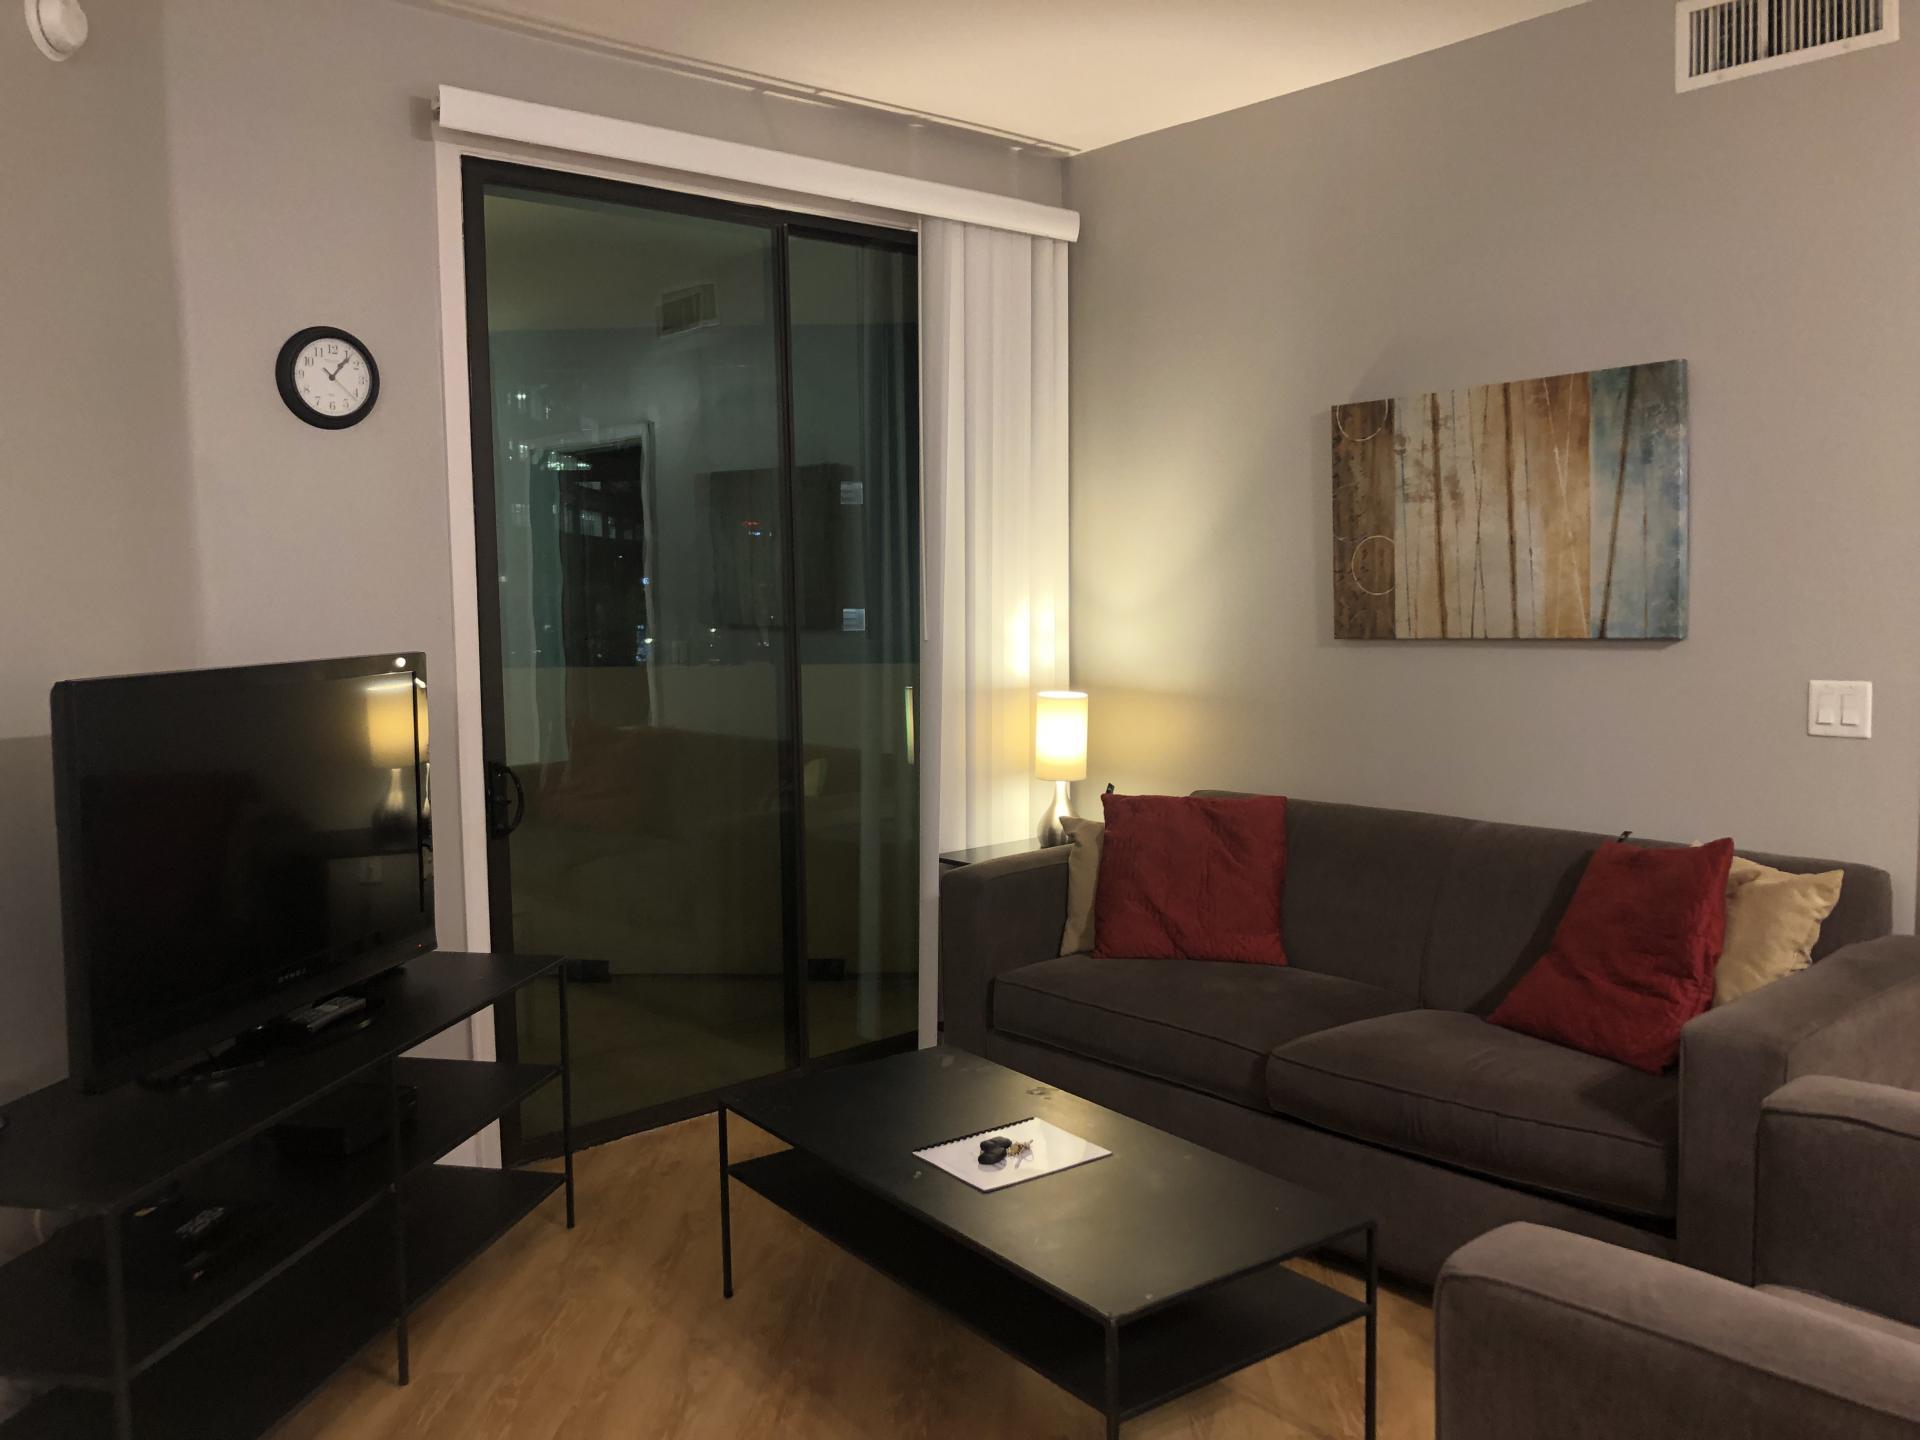 Living room at Biltmore at Camelback Apartments